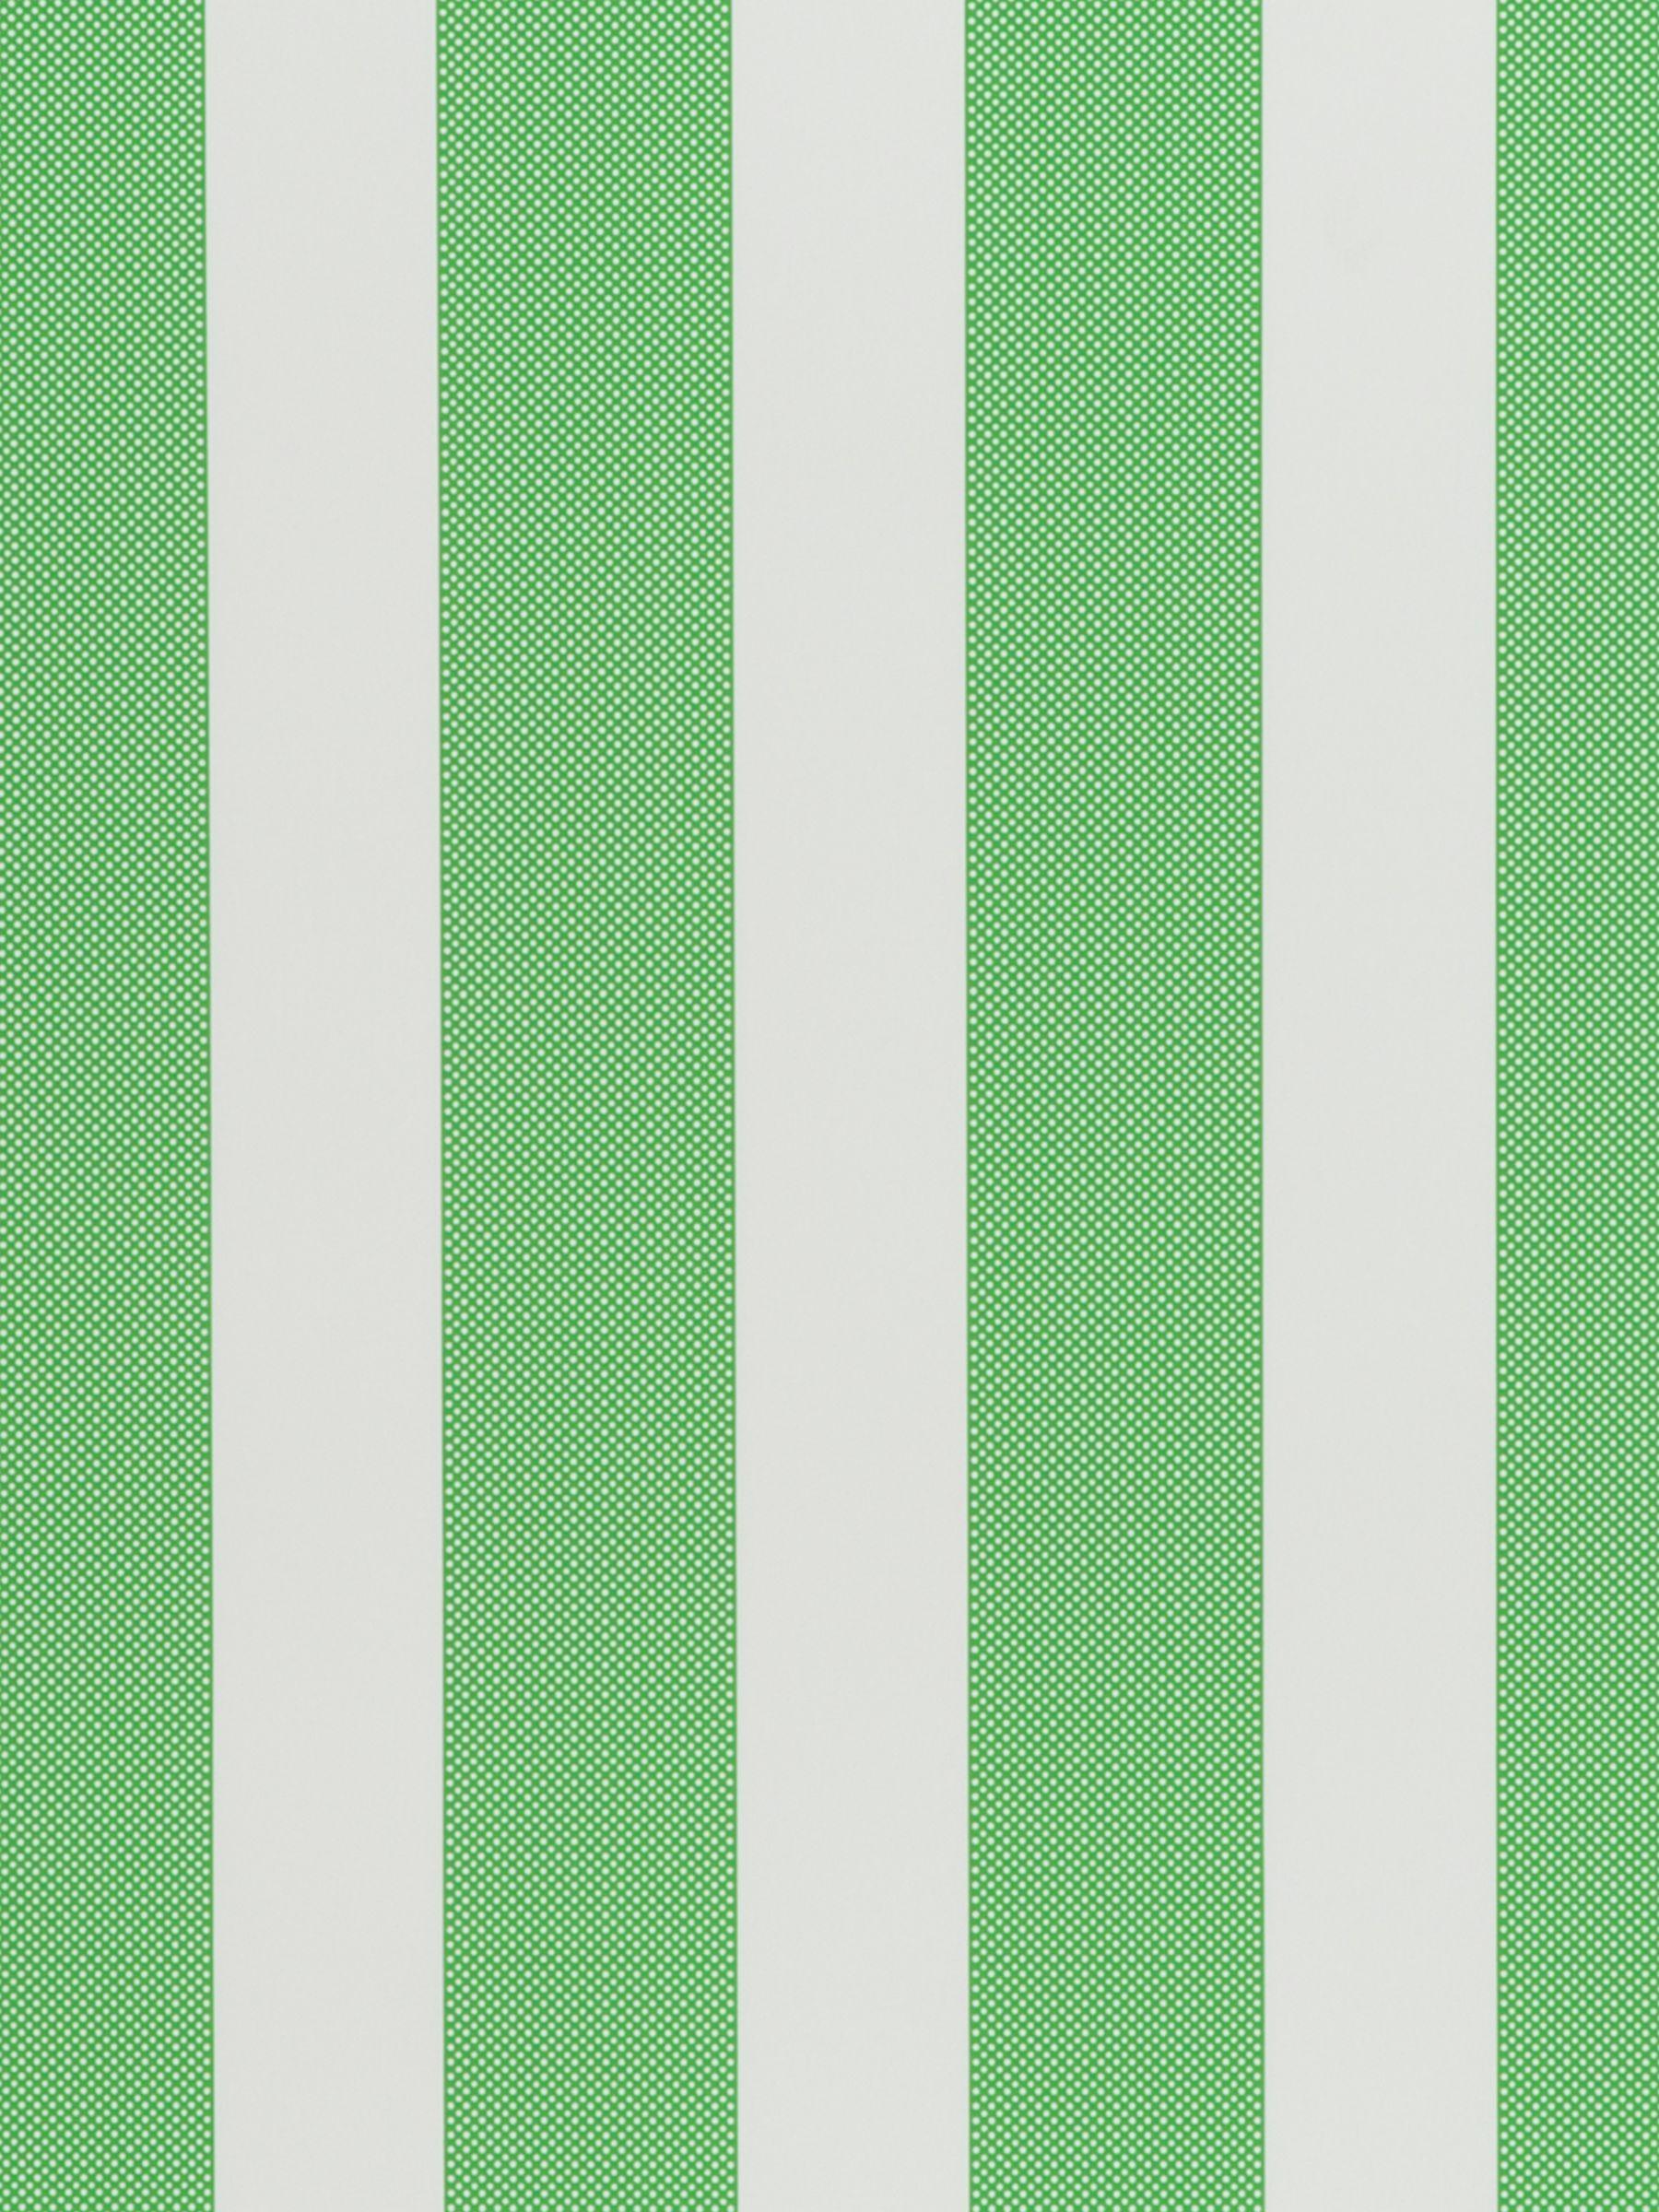 kate spade new york kate spade new york for GP & J Baker Whimsies Dot Stripe Wallpaper